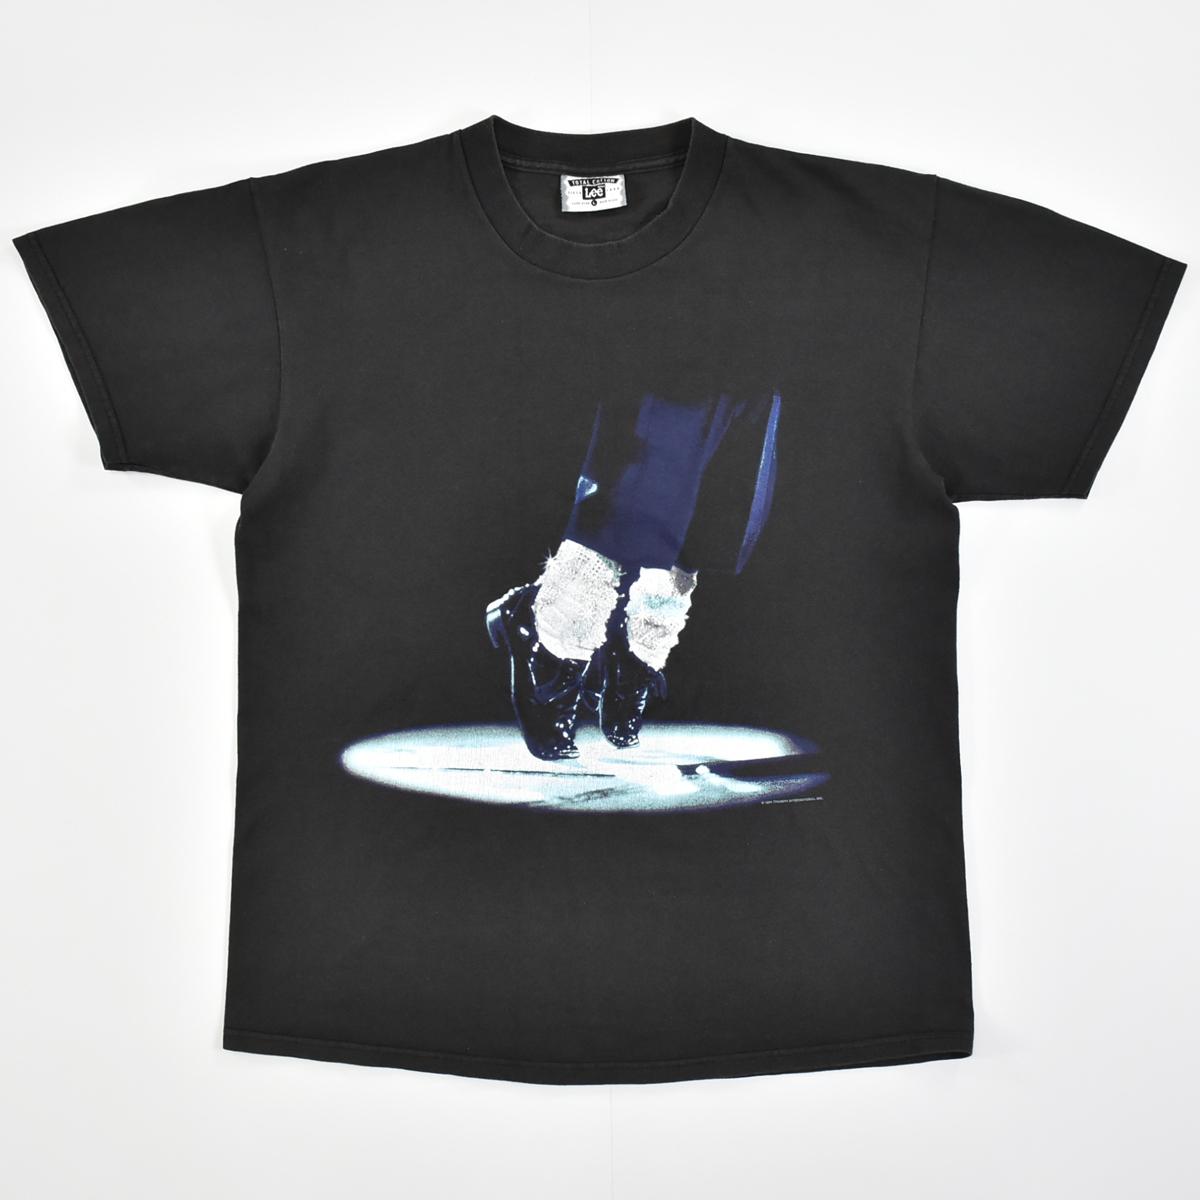 Michael Jackson マイケルジャクソン ★ リー Leeボディ USA製 ヴィンテージ 90s 1994 HISTORY コピーライト有 半袖 Tシャツ 黒 L_画像2